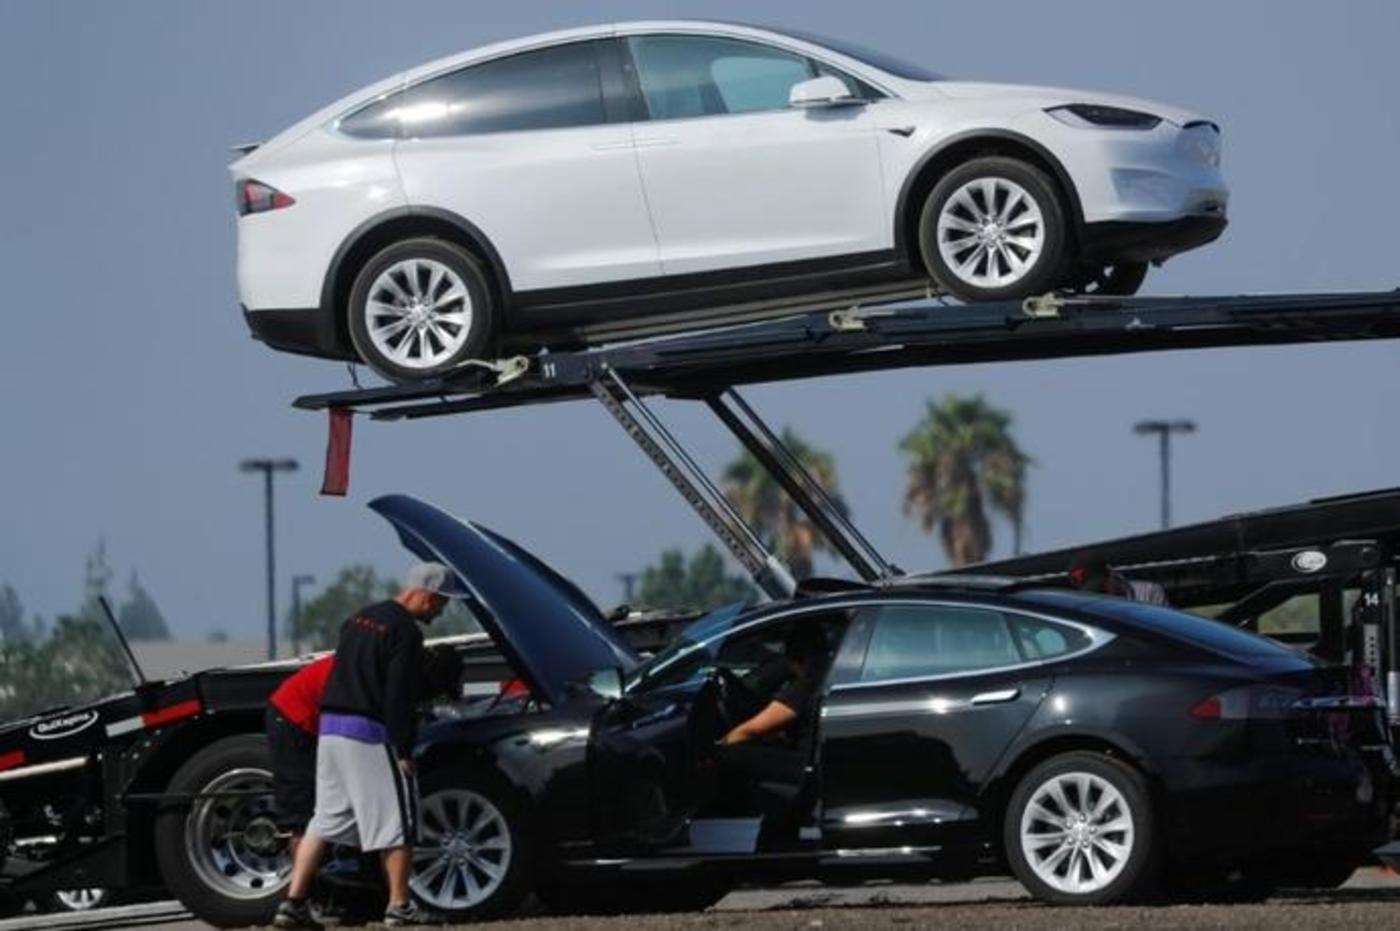 2018年8月24日,美国加利福尼亚州伯班克,新生产的特斯拉汽车被放到运输拖车上,那里停放了大量新生产的汽车